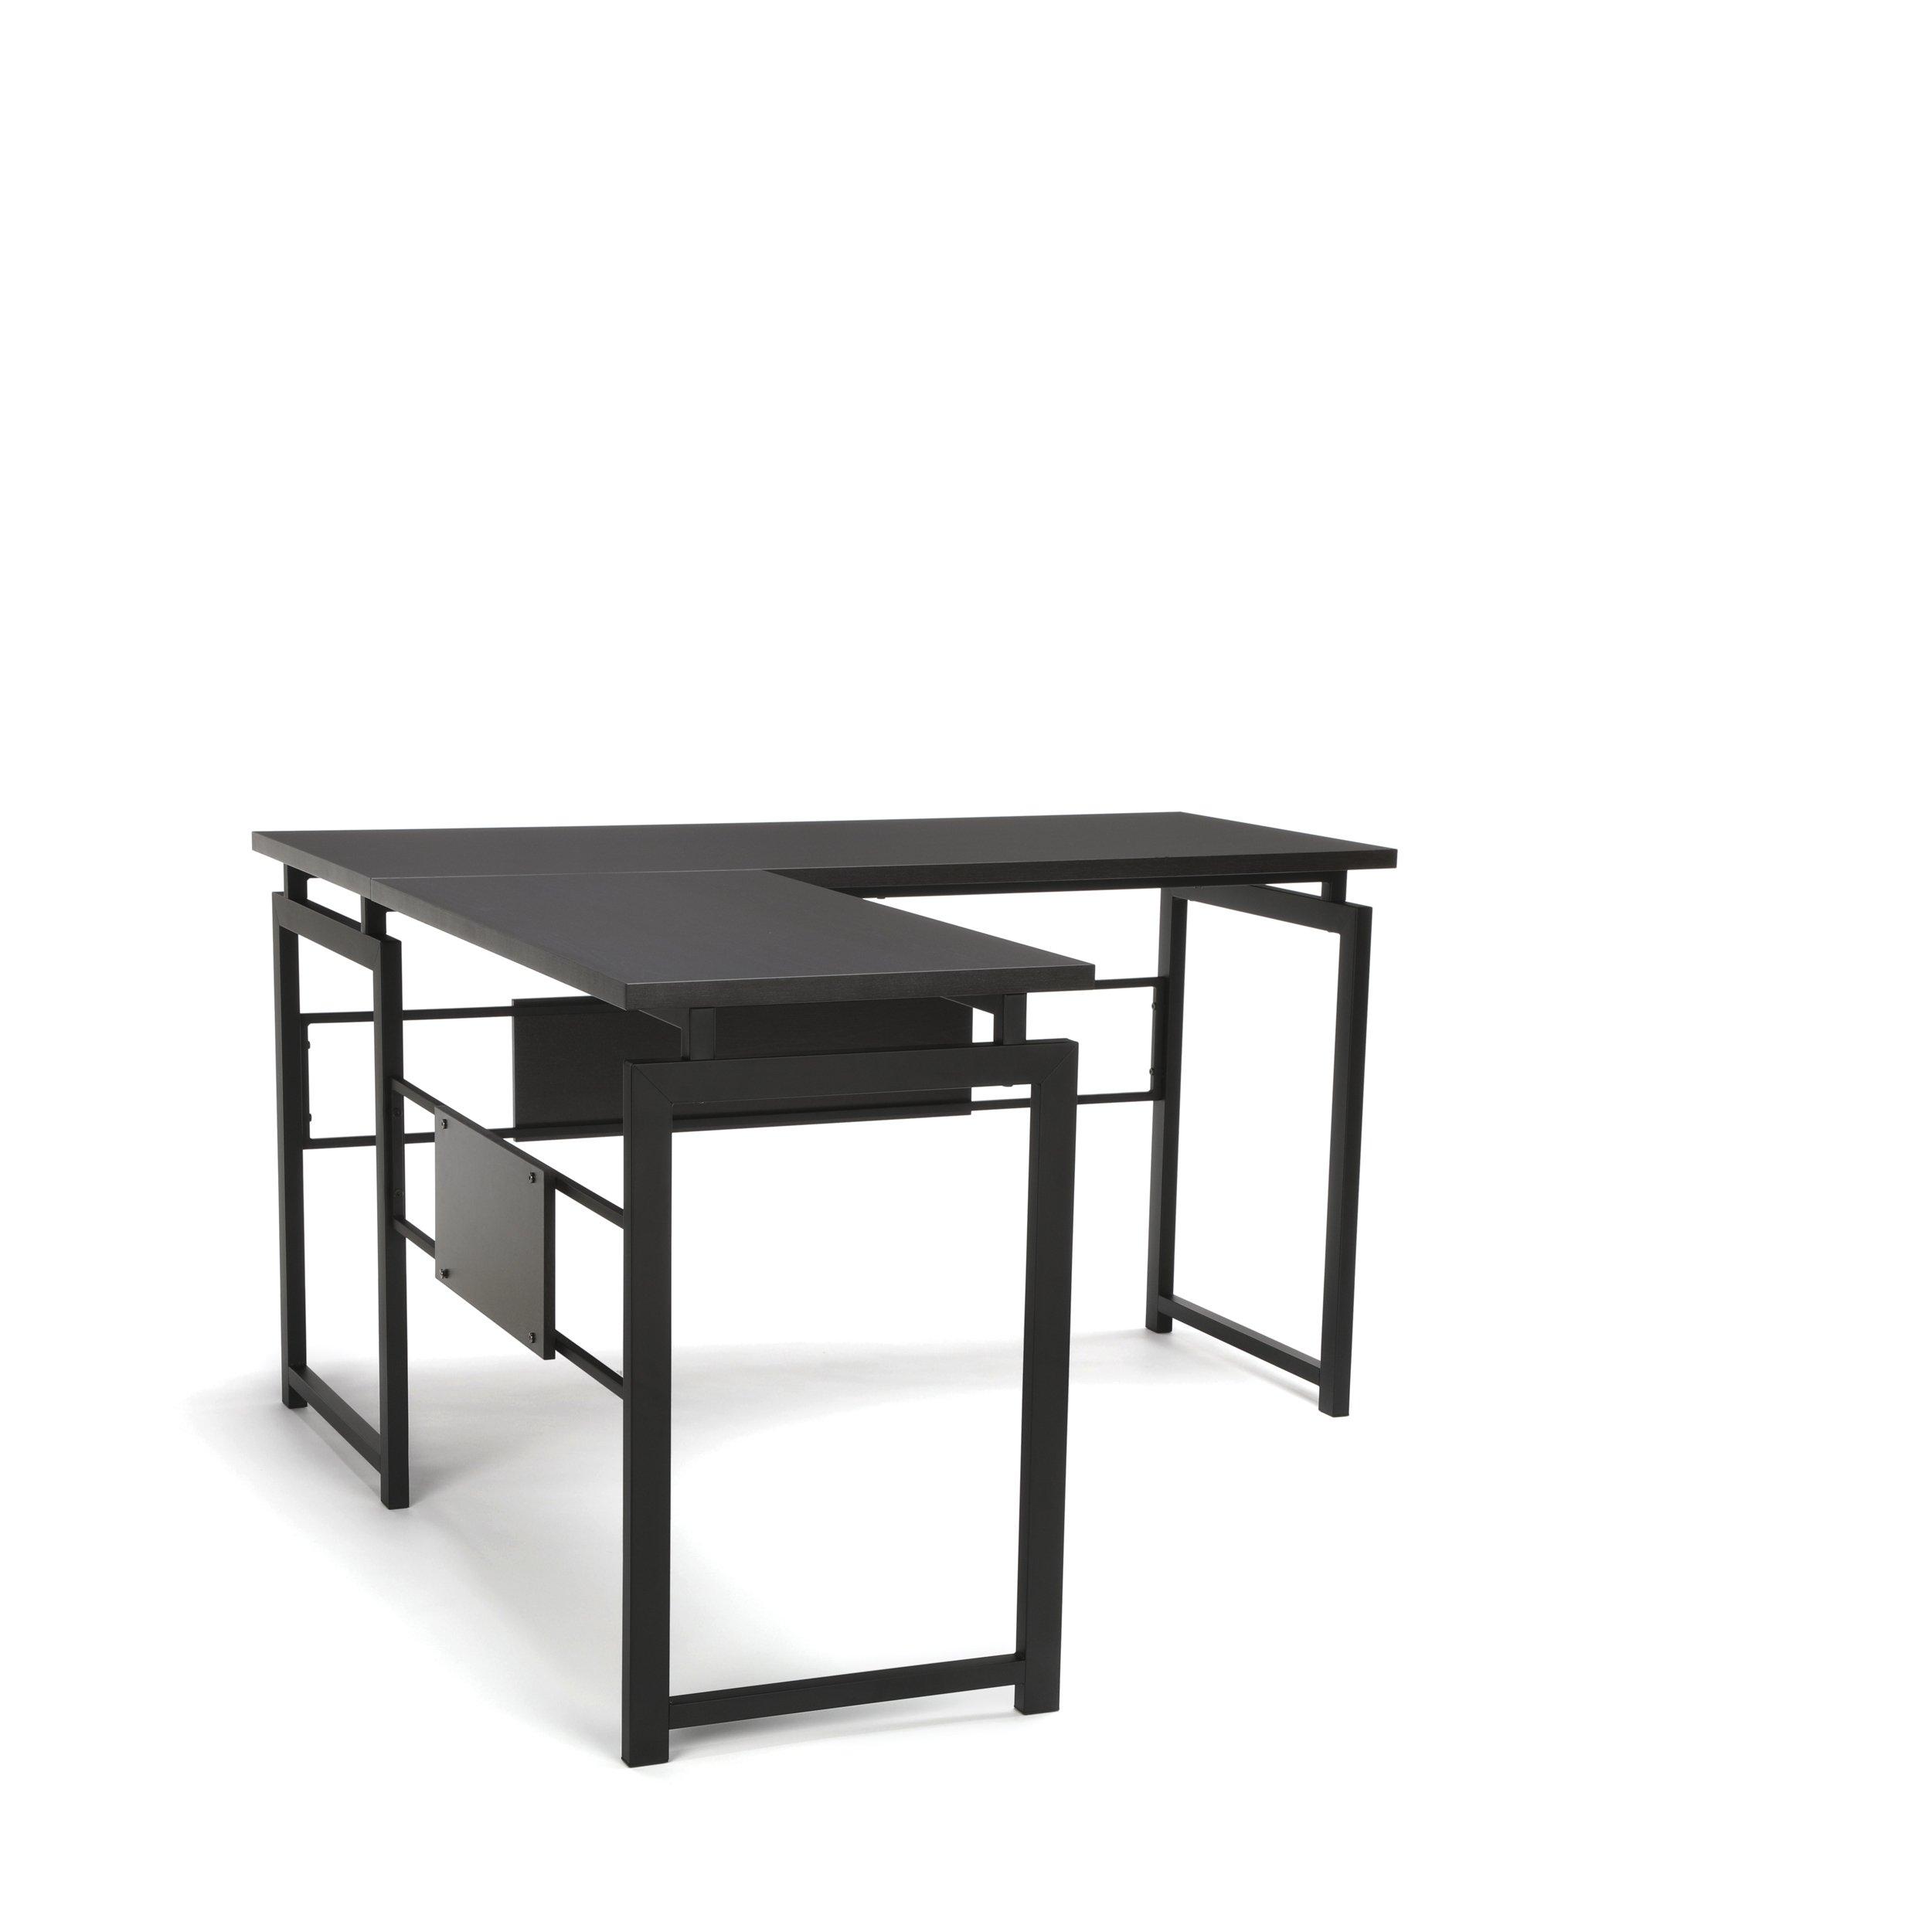 OFM L-Shaped Desk - Corner Computer Desk with Metal Legs, Black (ESS-1020-BLK)